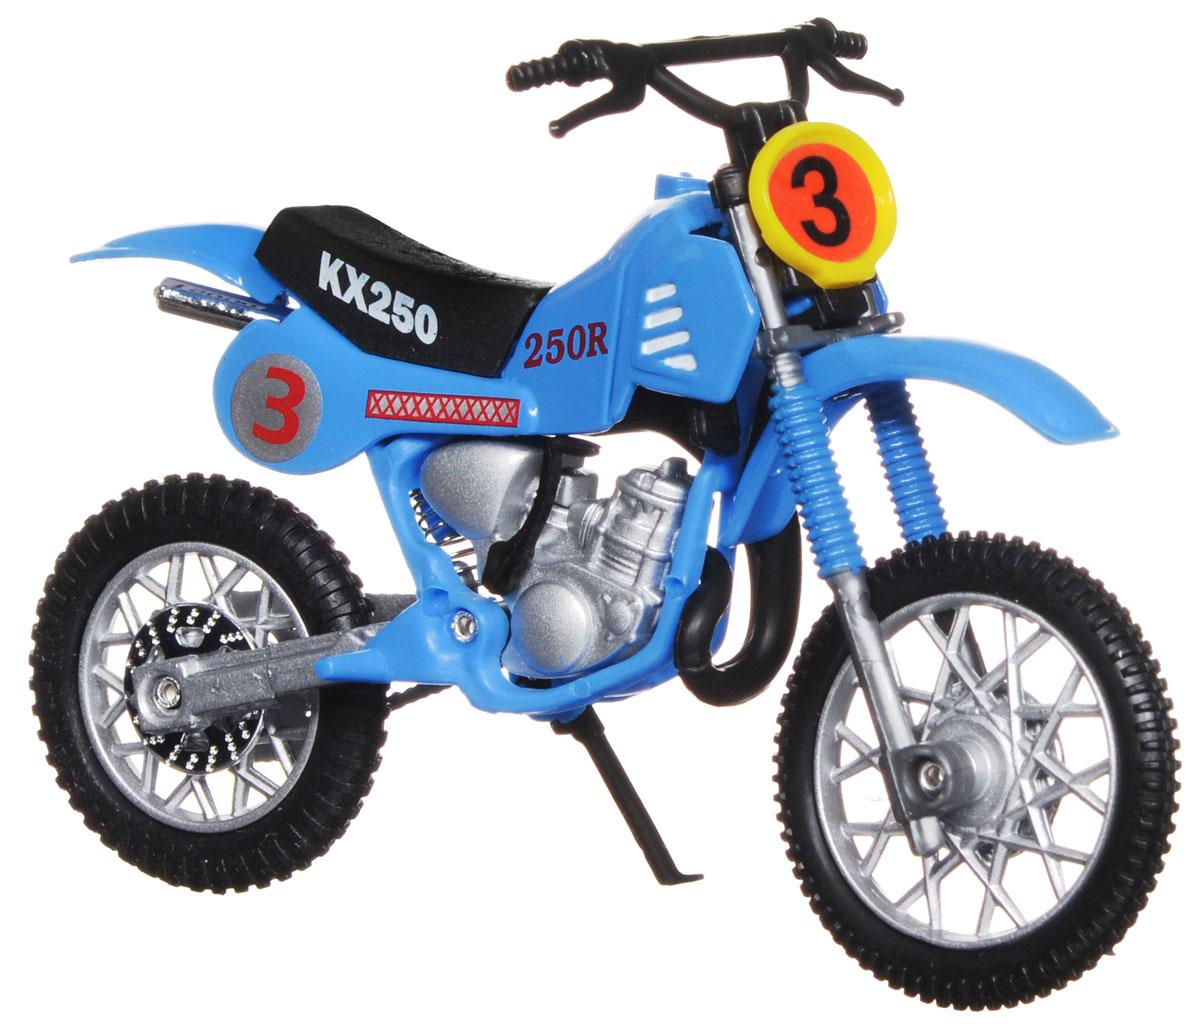 Dickie Toys Кроссовый мотоцикл № 3 цвет голубой3385773_голубой №3Кроссовый мотоцикл Dickie Toys №3 непременно понравится любому маленькому гонщику. Мотоцикл выполнен из прочного безопасного пластика, его колесики прорезинены для лучшего сцепления с поверхностью пола. Мотоцикл оснащен откидывающейся боковой ножкой и оформлен красочными стикерами. Яркий, реалистичный мотоцикл, выполненный с вниманием к деталям, станет отличным дополнением к автопарку вашего малыша! Ваш ребенок часами будет играть с такой игрушкой, придумывая различные истории и устраивая соревнования. Порадуйте его таким замечательным подарком!